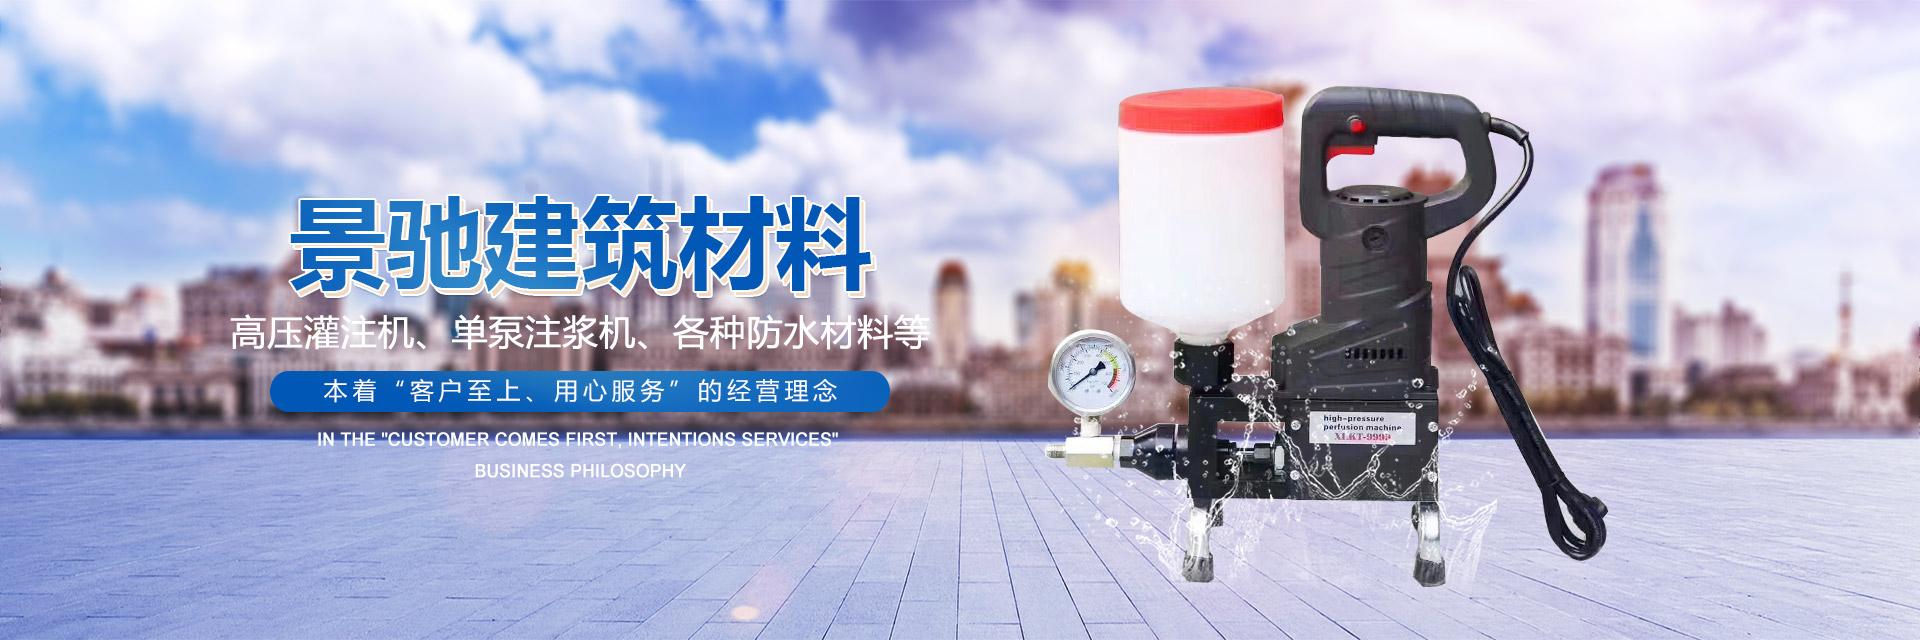 遼寧省景馳建筑材料有限公司產品介紹